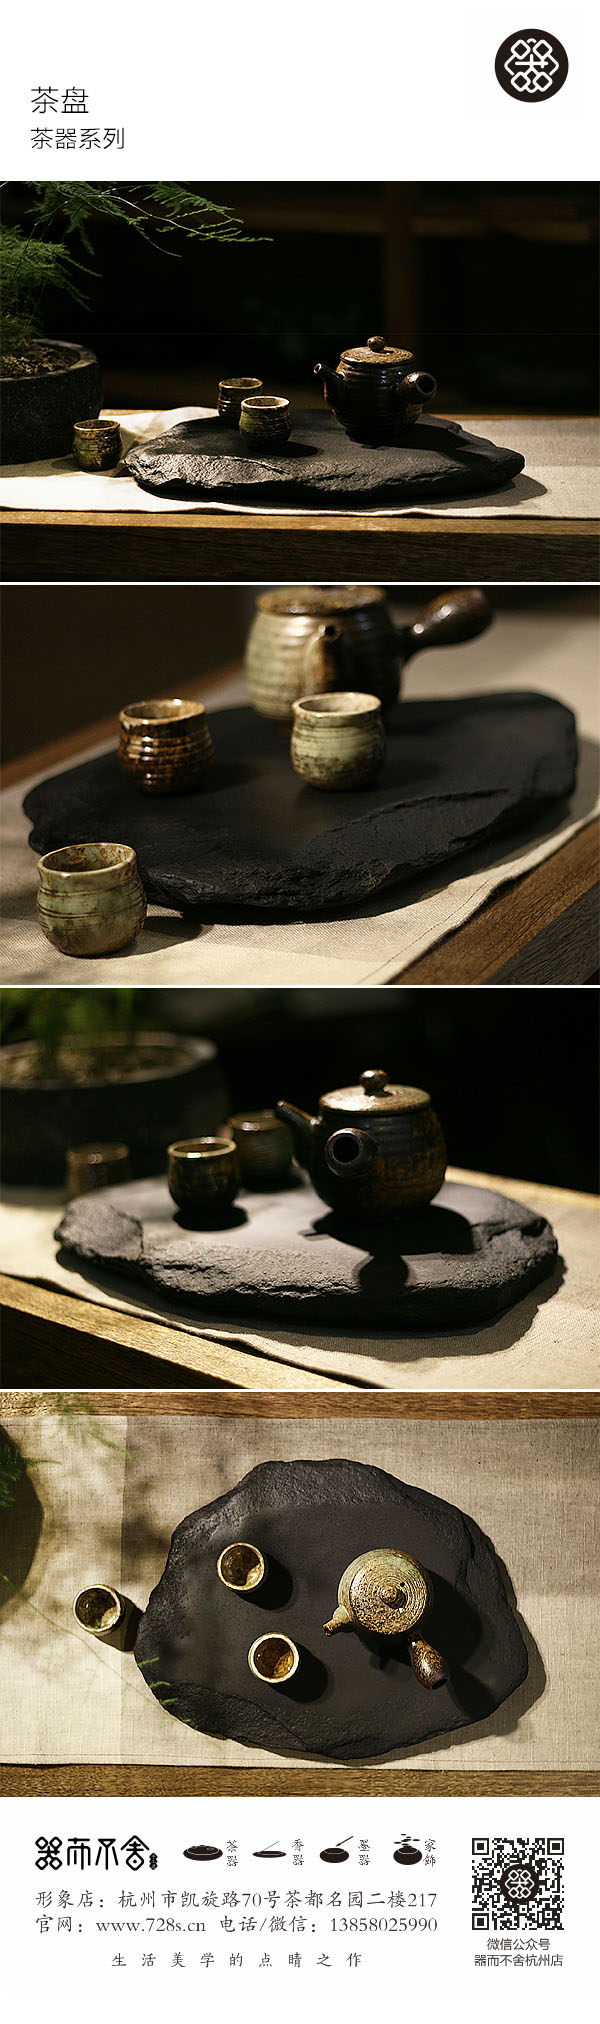 茶器展示07.jpg